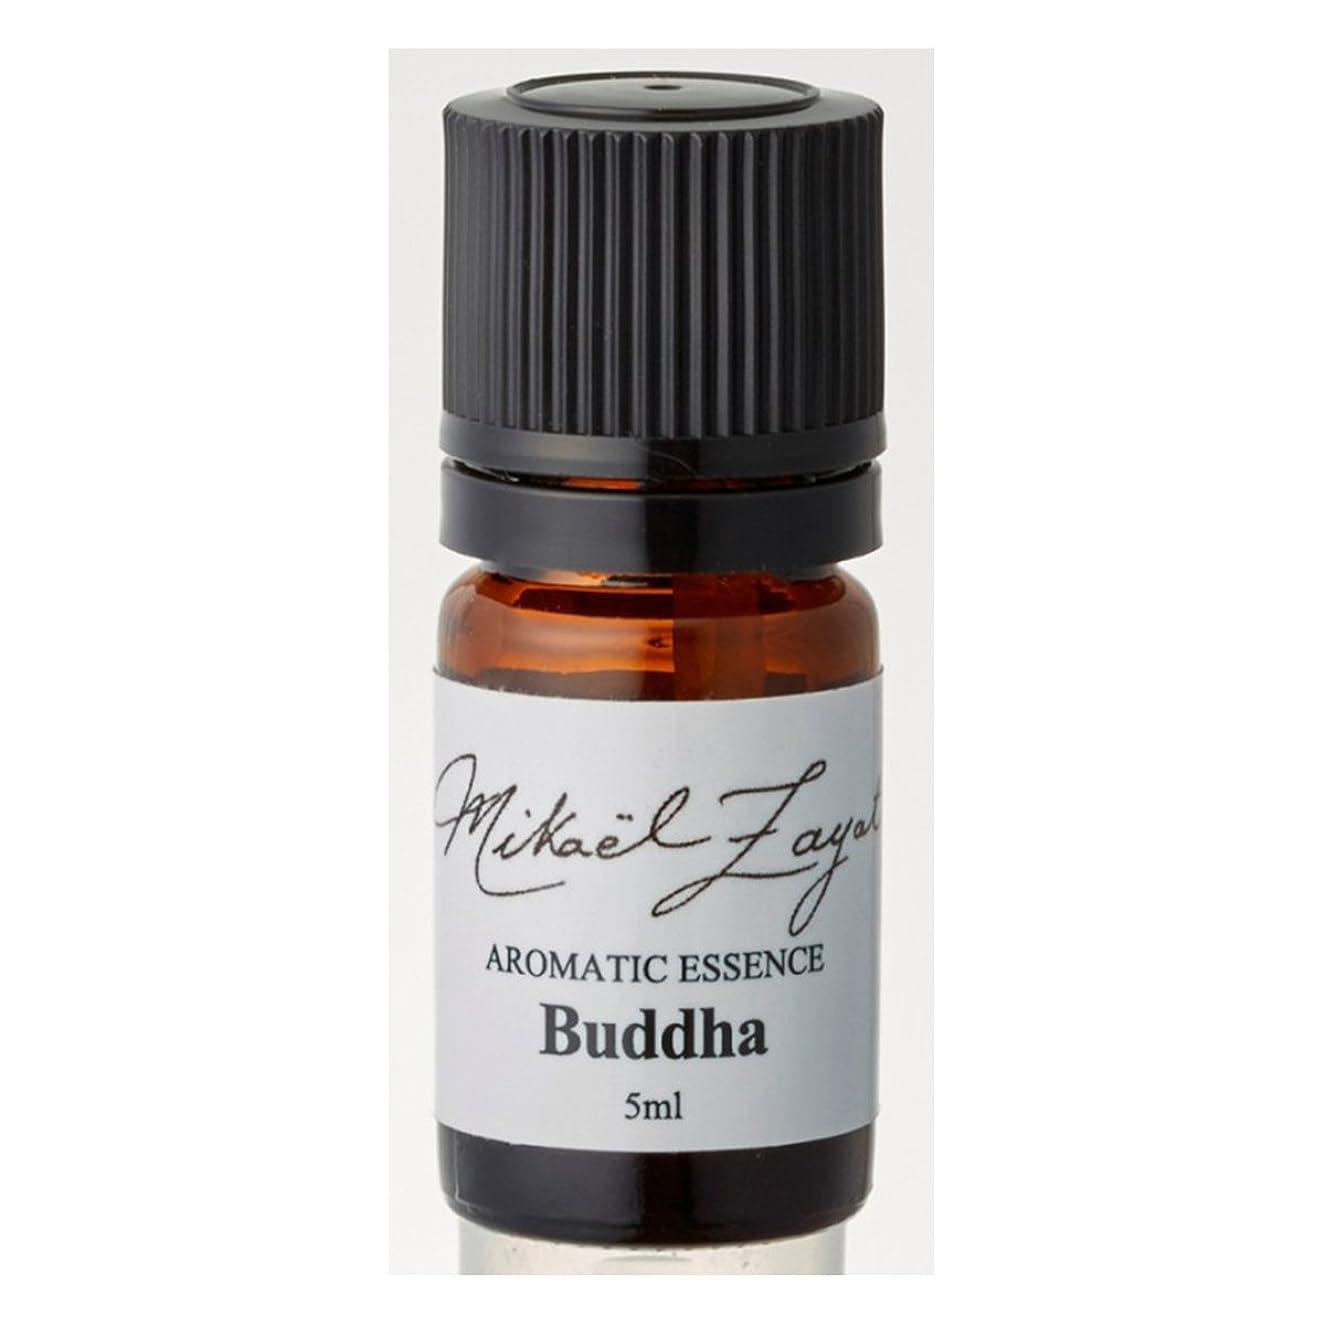 イル局実行ミカエルザヤット ブッダ 5ml Buddha 5ml/ Mikael Zayat hand made blend